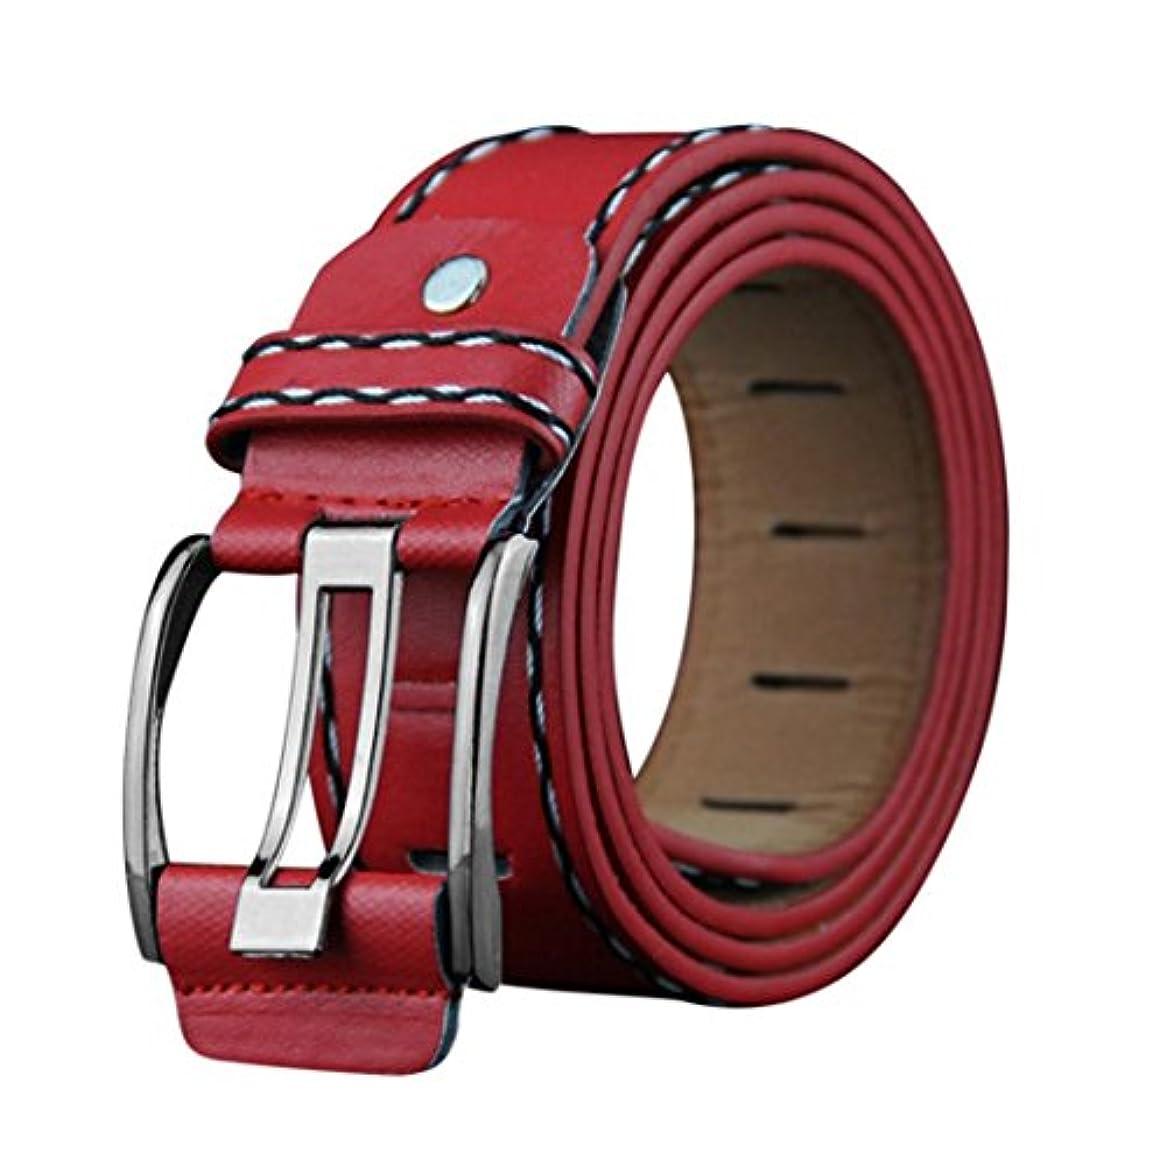 どこでも馬力地平線Mhomzawa ベルト メンズ 革 ビジネス ピンバックル 紳士 カジュアル サイズ調整 高級レザー おしゃれ ギフトタイプ プレゼント 父の日